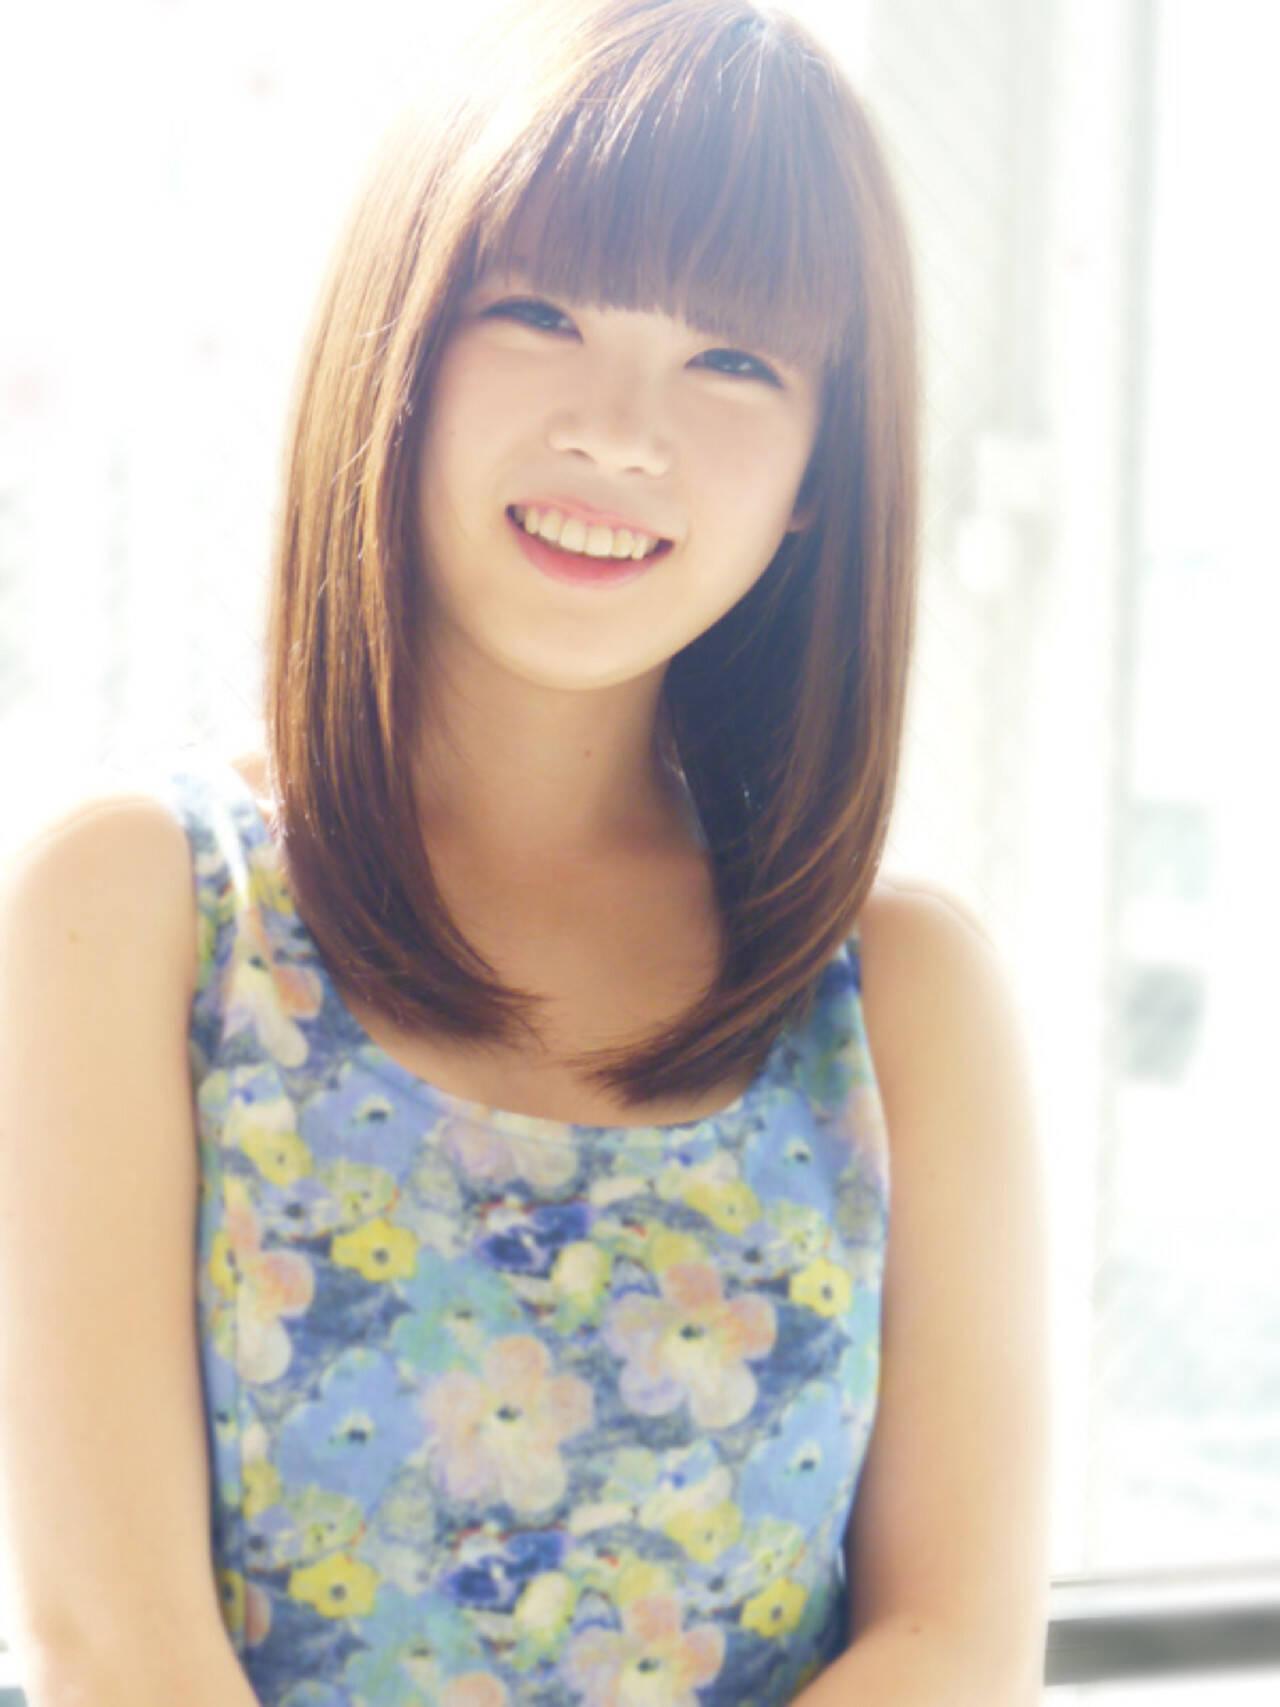 大人女子 ストレート 前髪あり ミディアムヘアスタイルや髪型の写真・画像